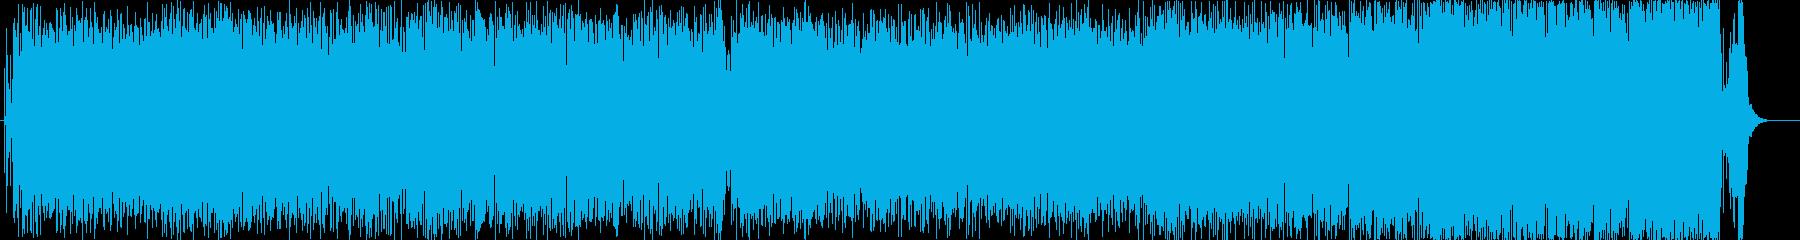 三味線・尺八を使ったハイテンションな曲の再生済みの波形